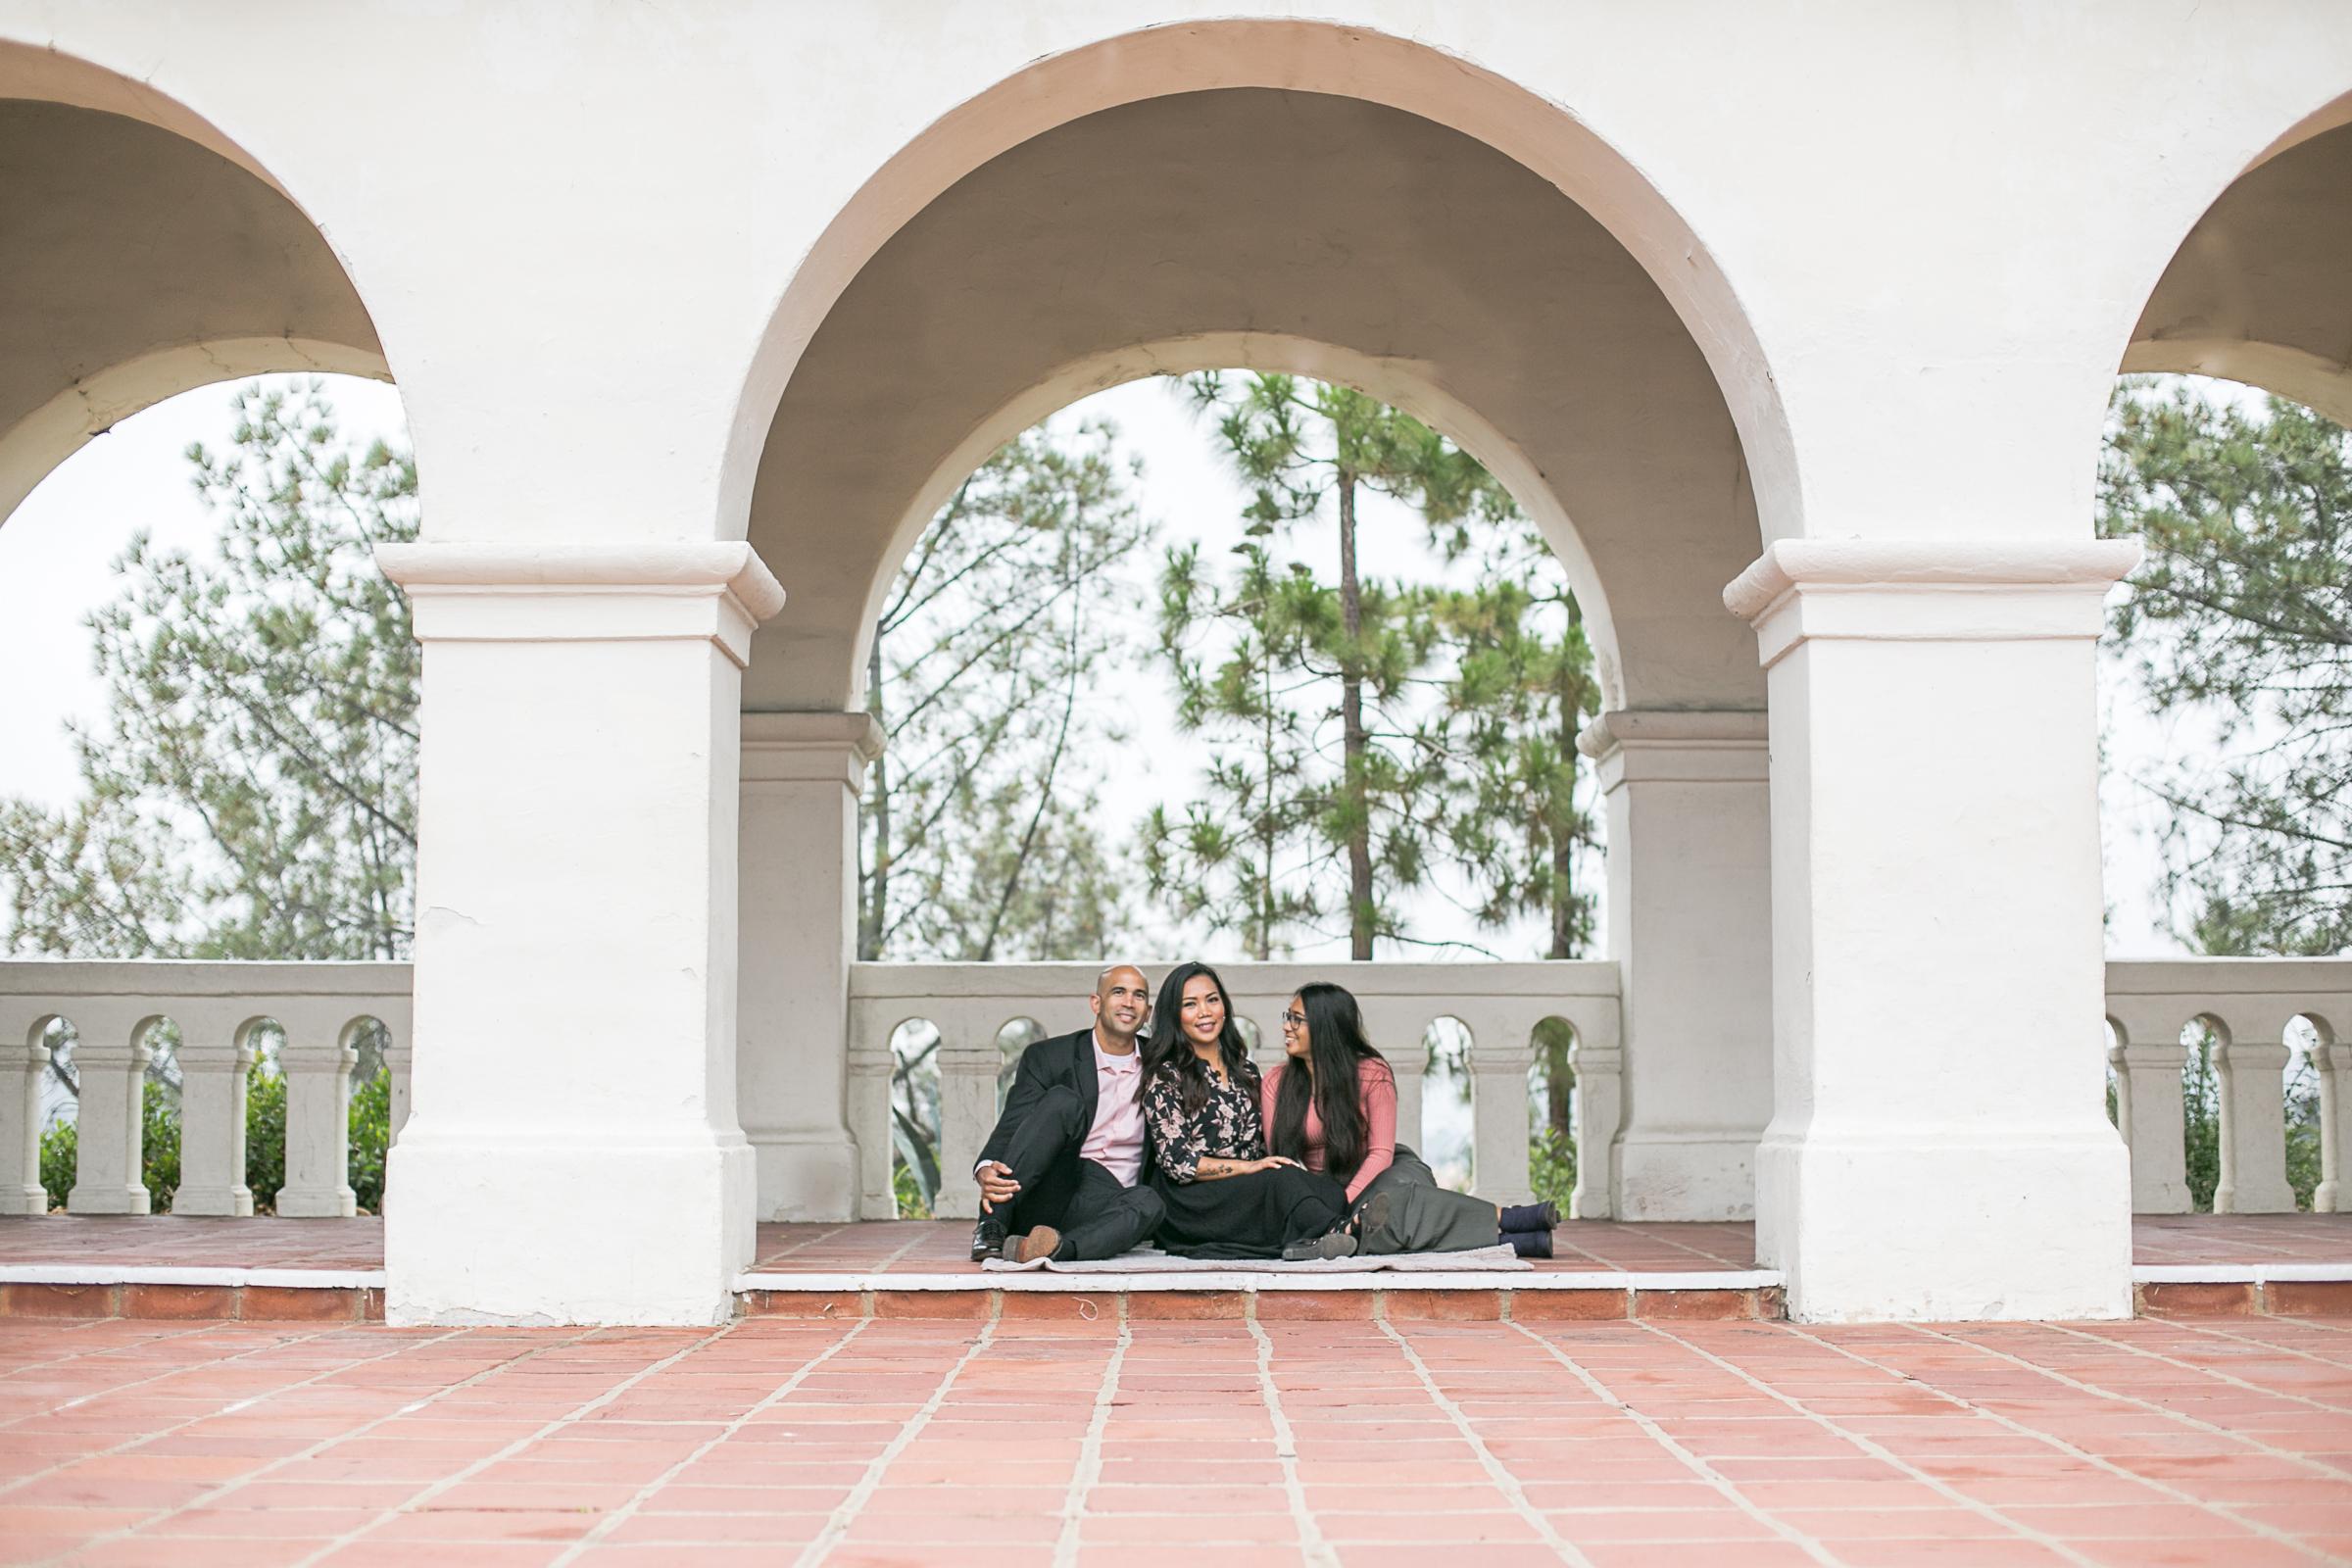 Cunningham_Family_Session_Presidio_Park_San_Diego_2017-10.jpg